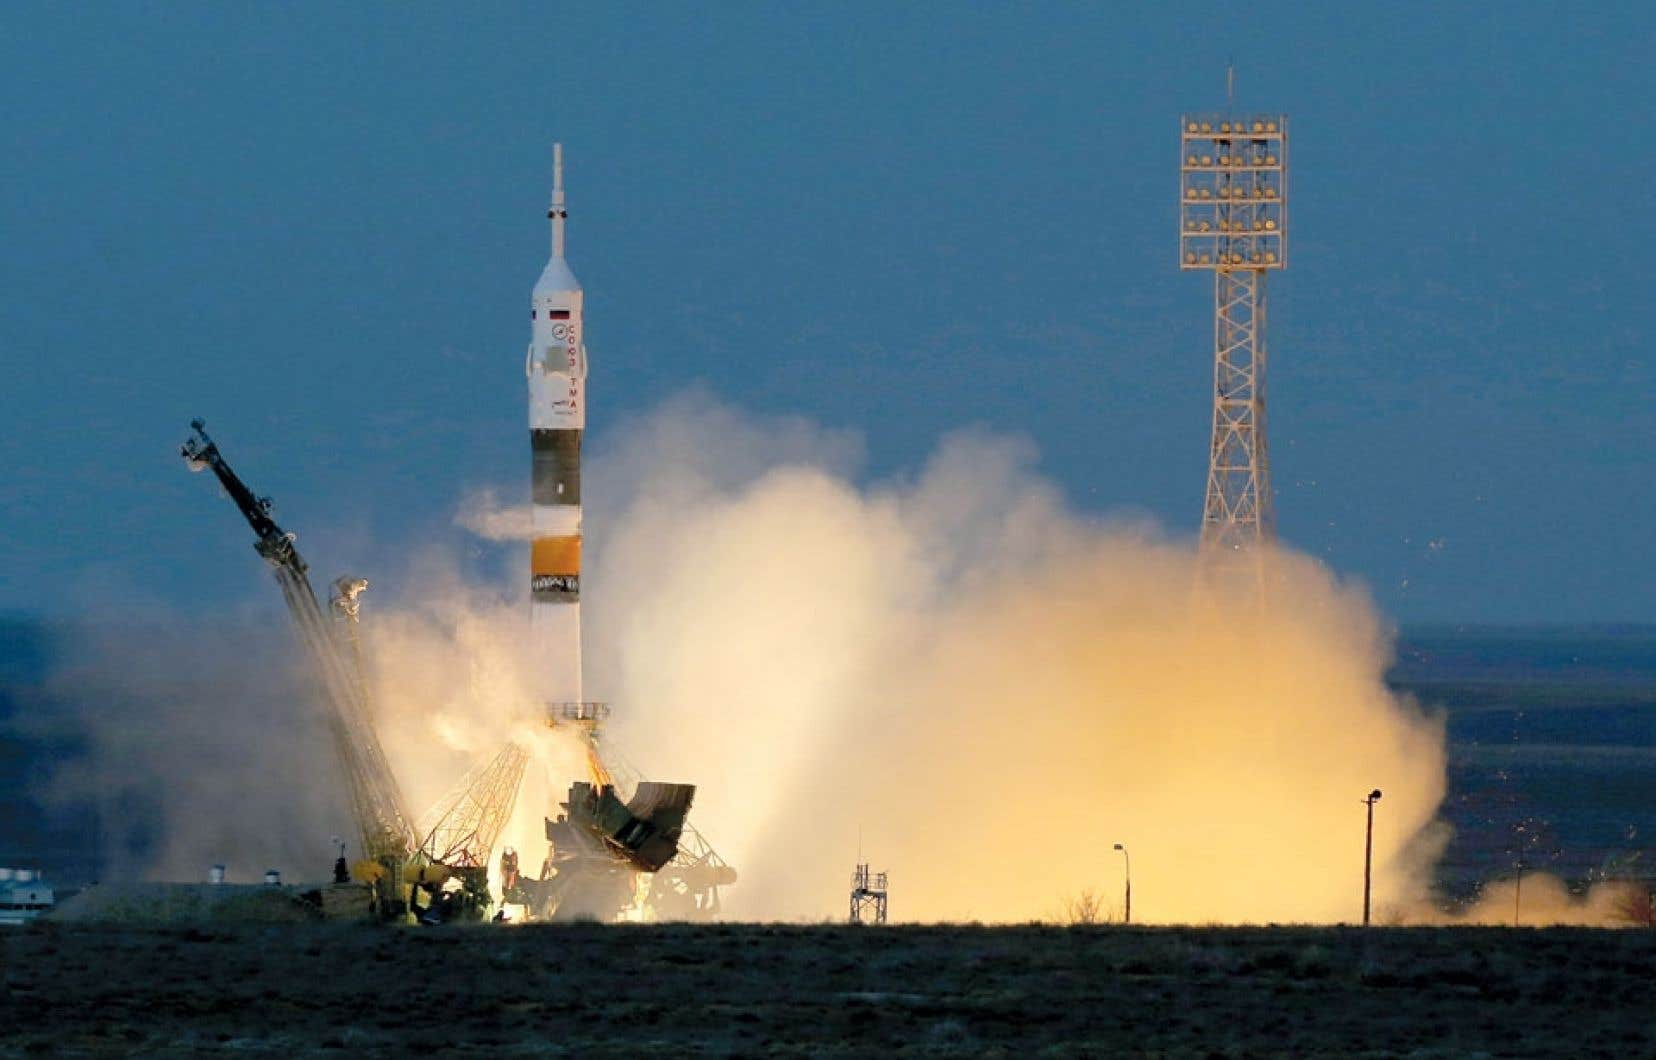 Le décollage de la capsule russe Soyouz s'est déroulé sans embûche. L'engin voyagera pendant deux jours avant d'atteindre la Station spatiale internationale.